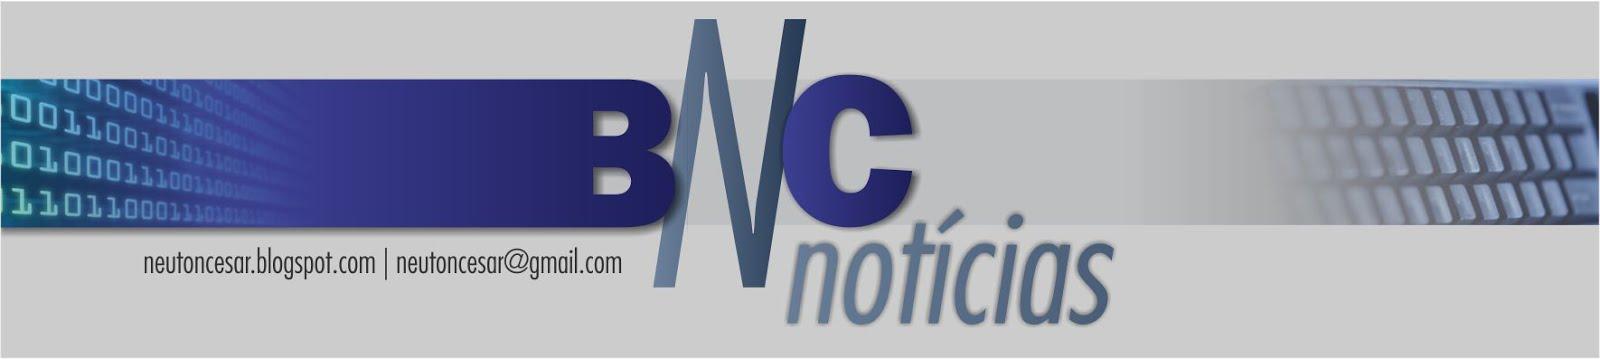 BNC NOTÍCIAS • a fonte da informação • neutoncesar@gmail.com